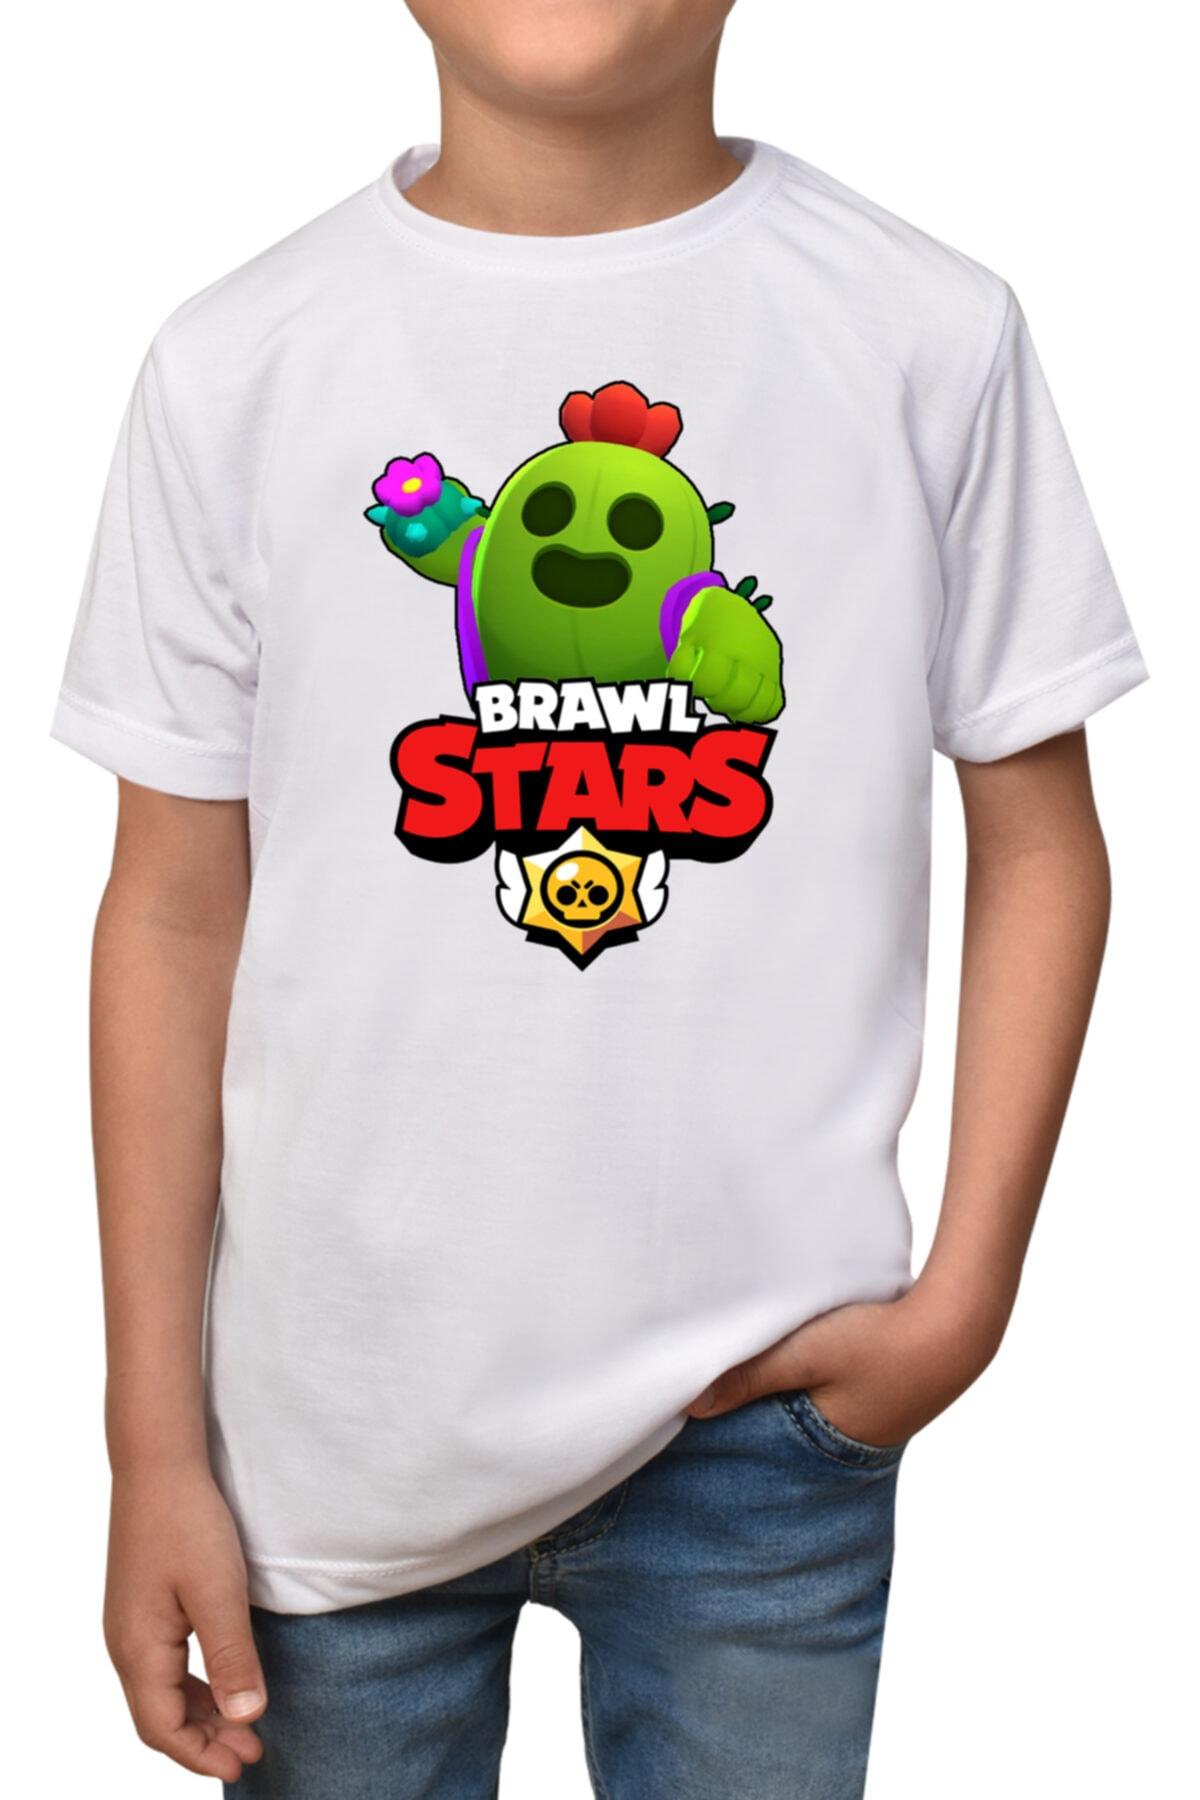 Brawl Stars - Spike- Beyaz Çocuk -  T-shirt T-1